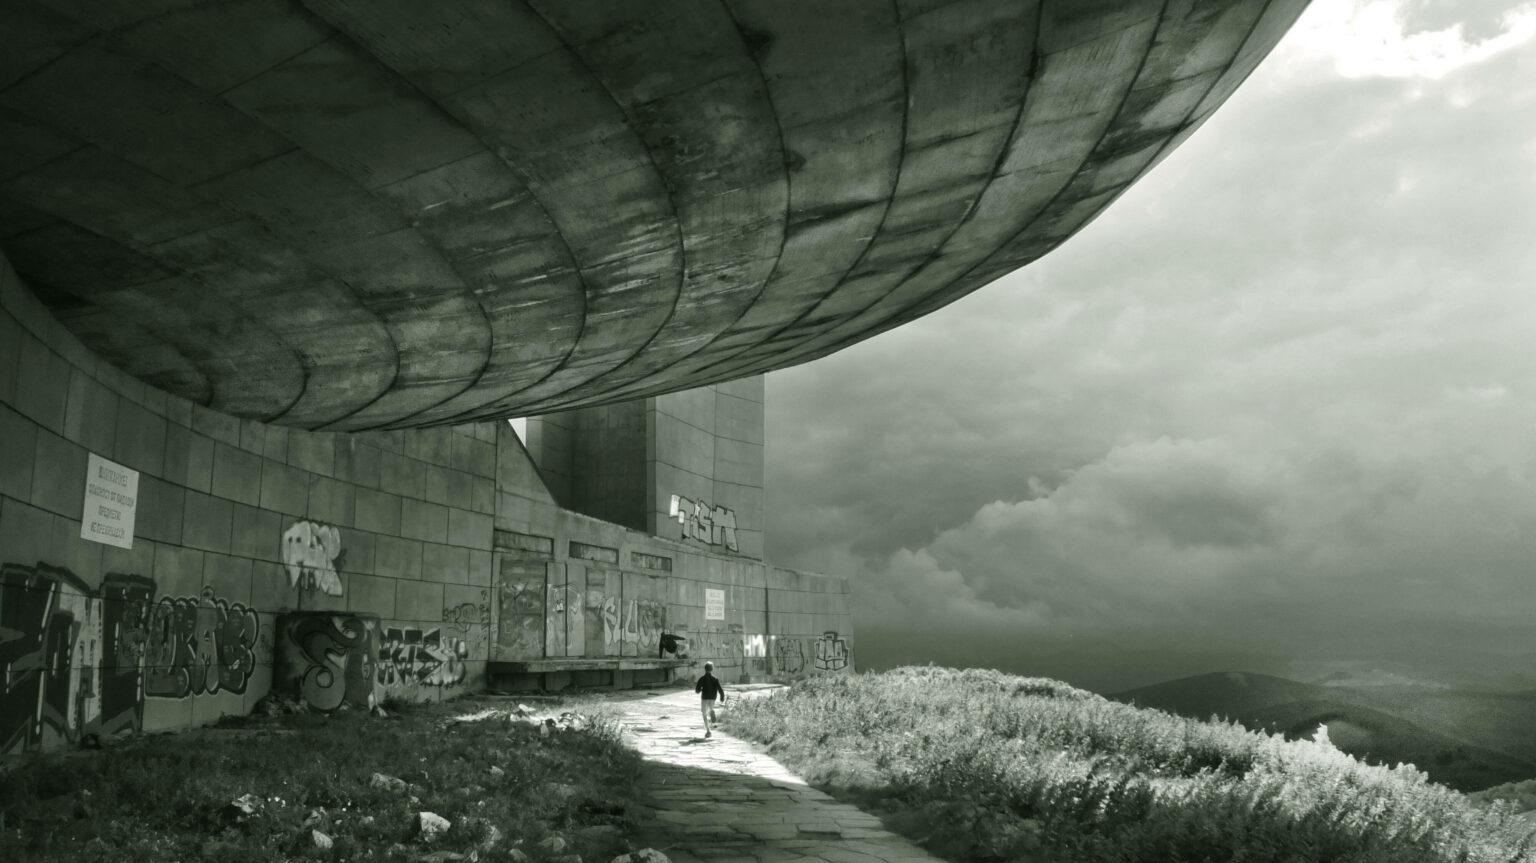 IMAGO / Ray van Zeschau